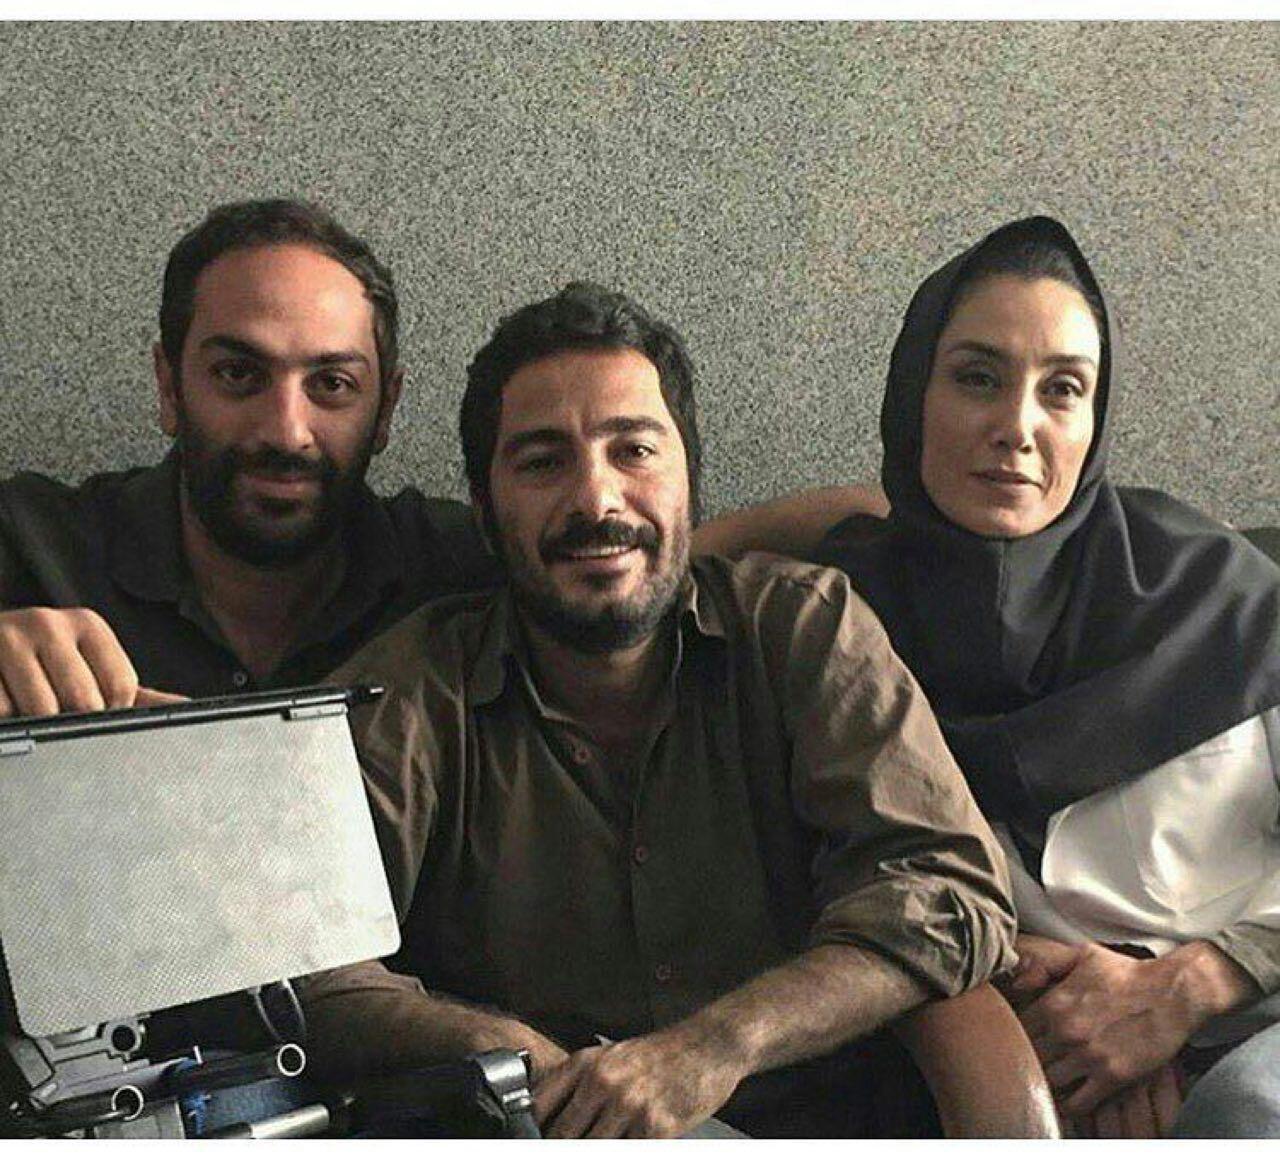 (تصویر) هدیه تهرانی و نوید محمدزاده در پشت صحنه یک فیلم